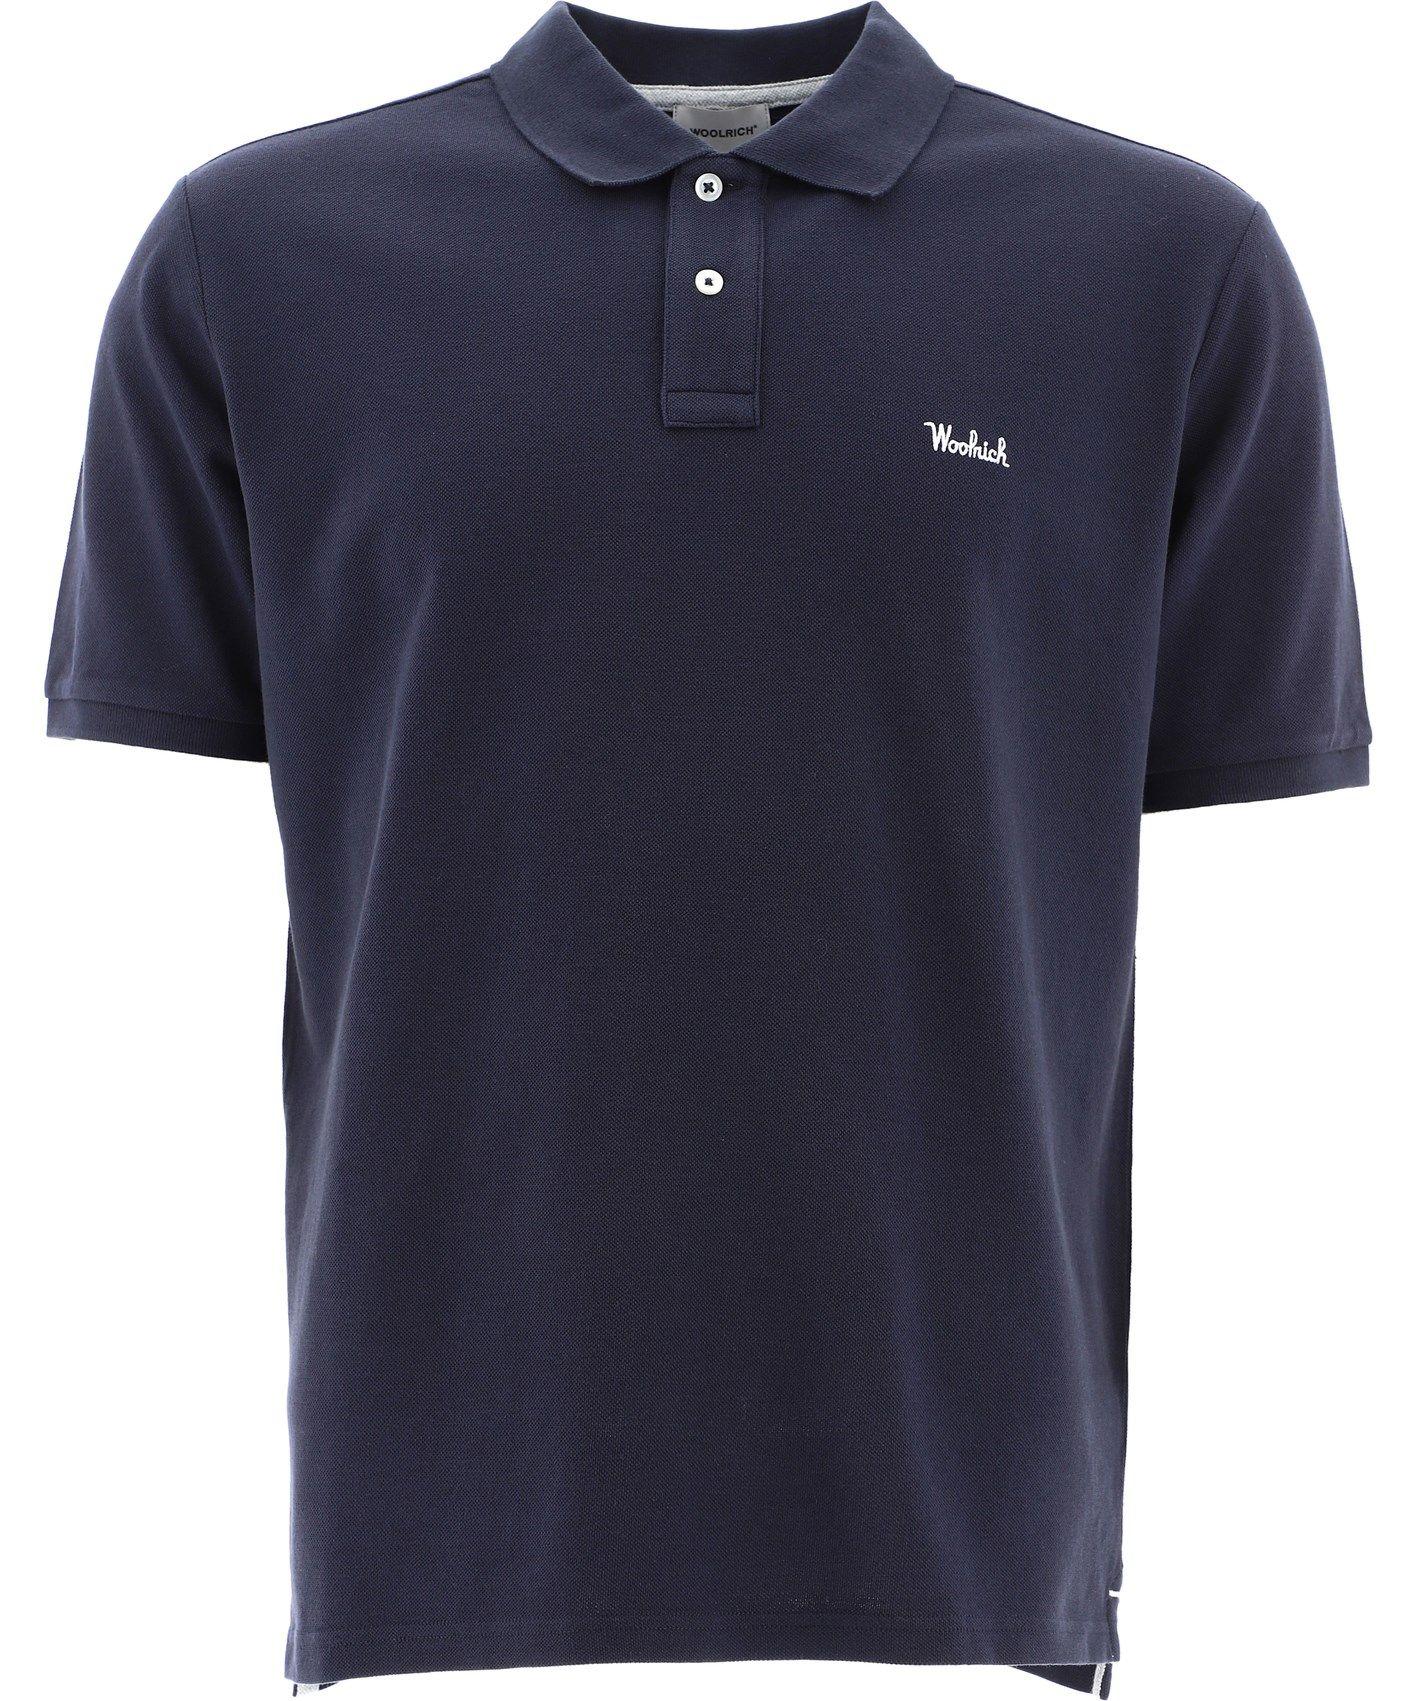 Woolrich Shirts WOOLRICH MEN'S BLUE OTHER MATERIALS POLO SHIRT